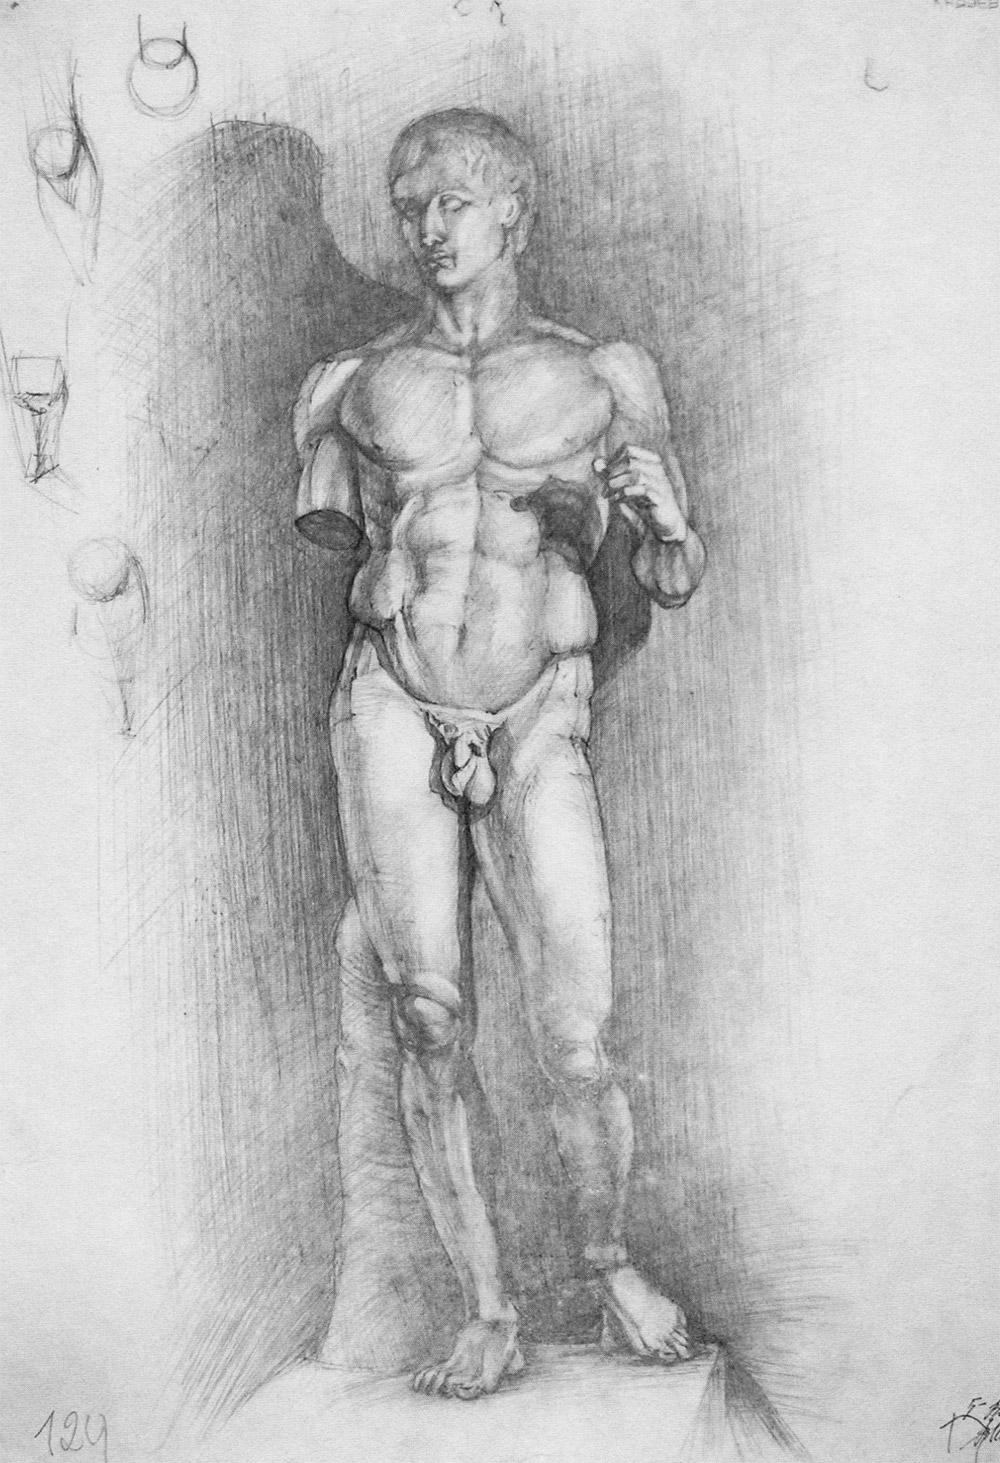 мужчины рисунок: